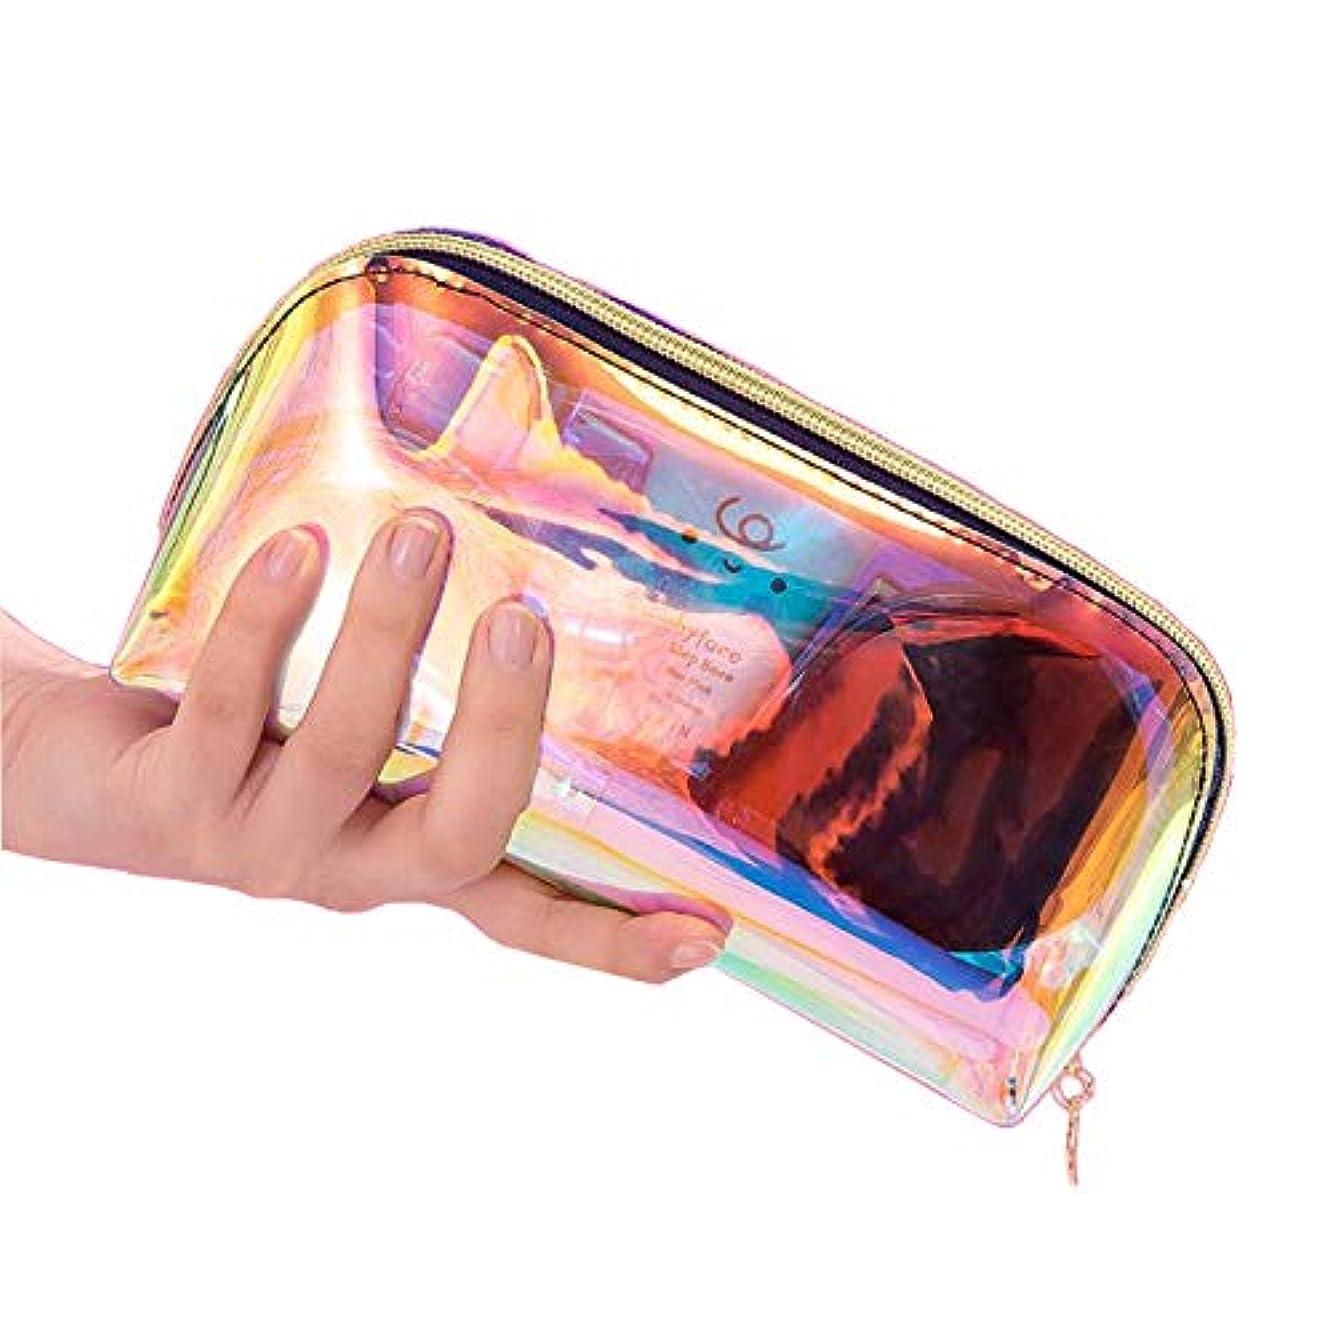 フィクションゴールデン礼儀Ranoki 化粧品バッグ 収納防水多彩透明メッシュ温泉、 ビーチサイド旅行、出張、便利、メイク 収納 メイクブラシポーチ化粧品